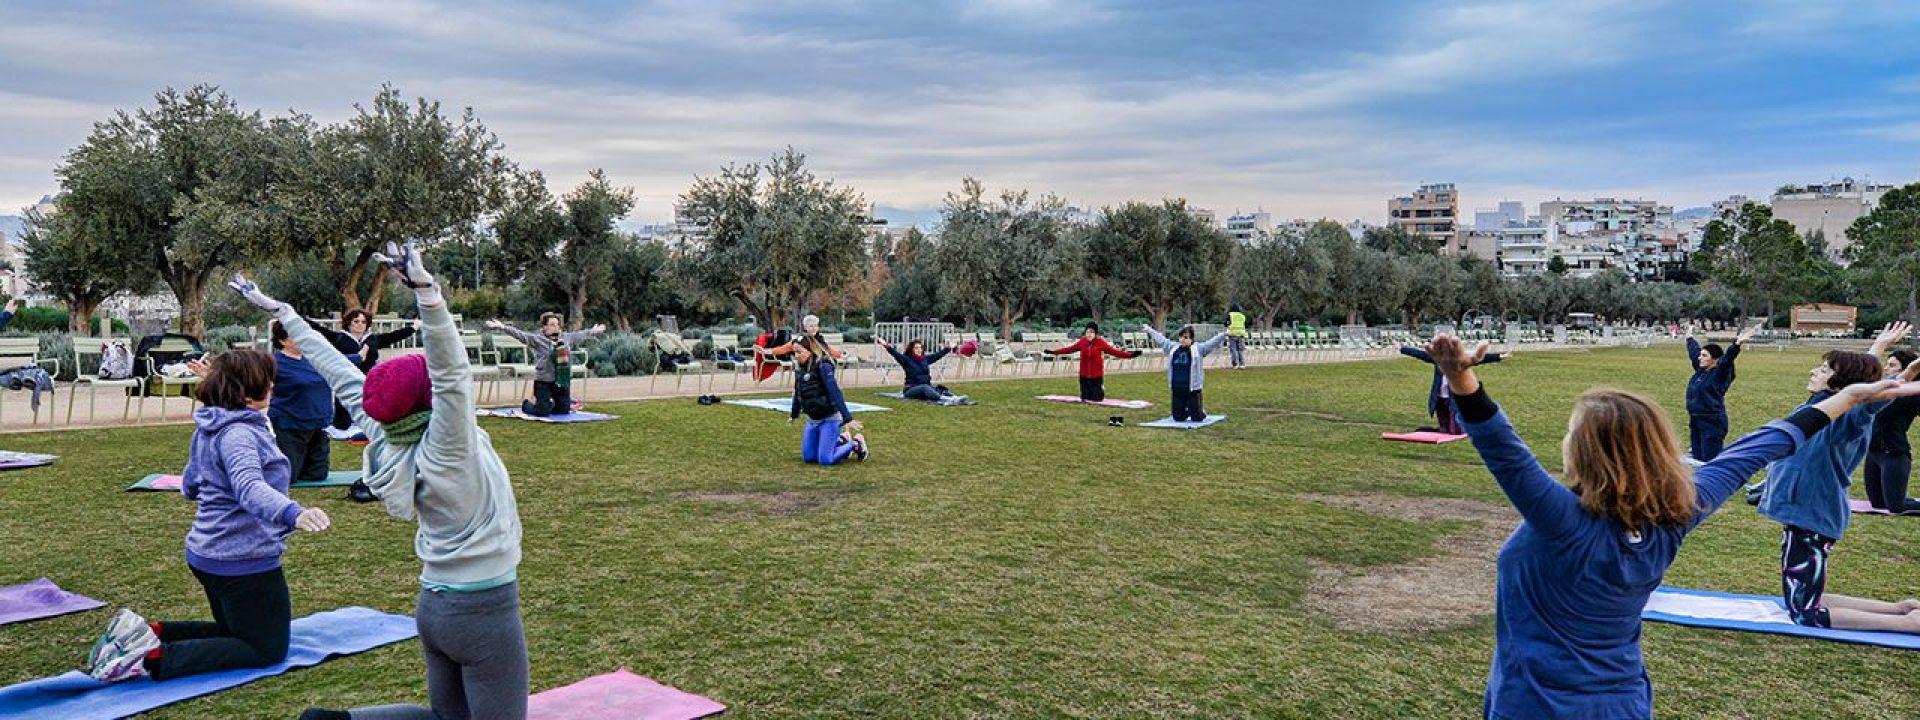 Φωτογραφία που απεικονίζει ανθρώπους να κάνουν Mat Pilates